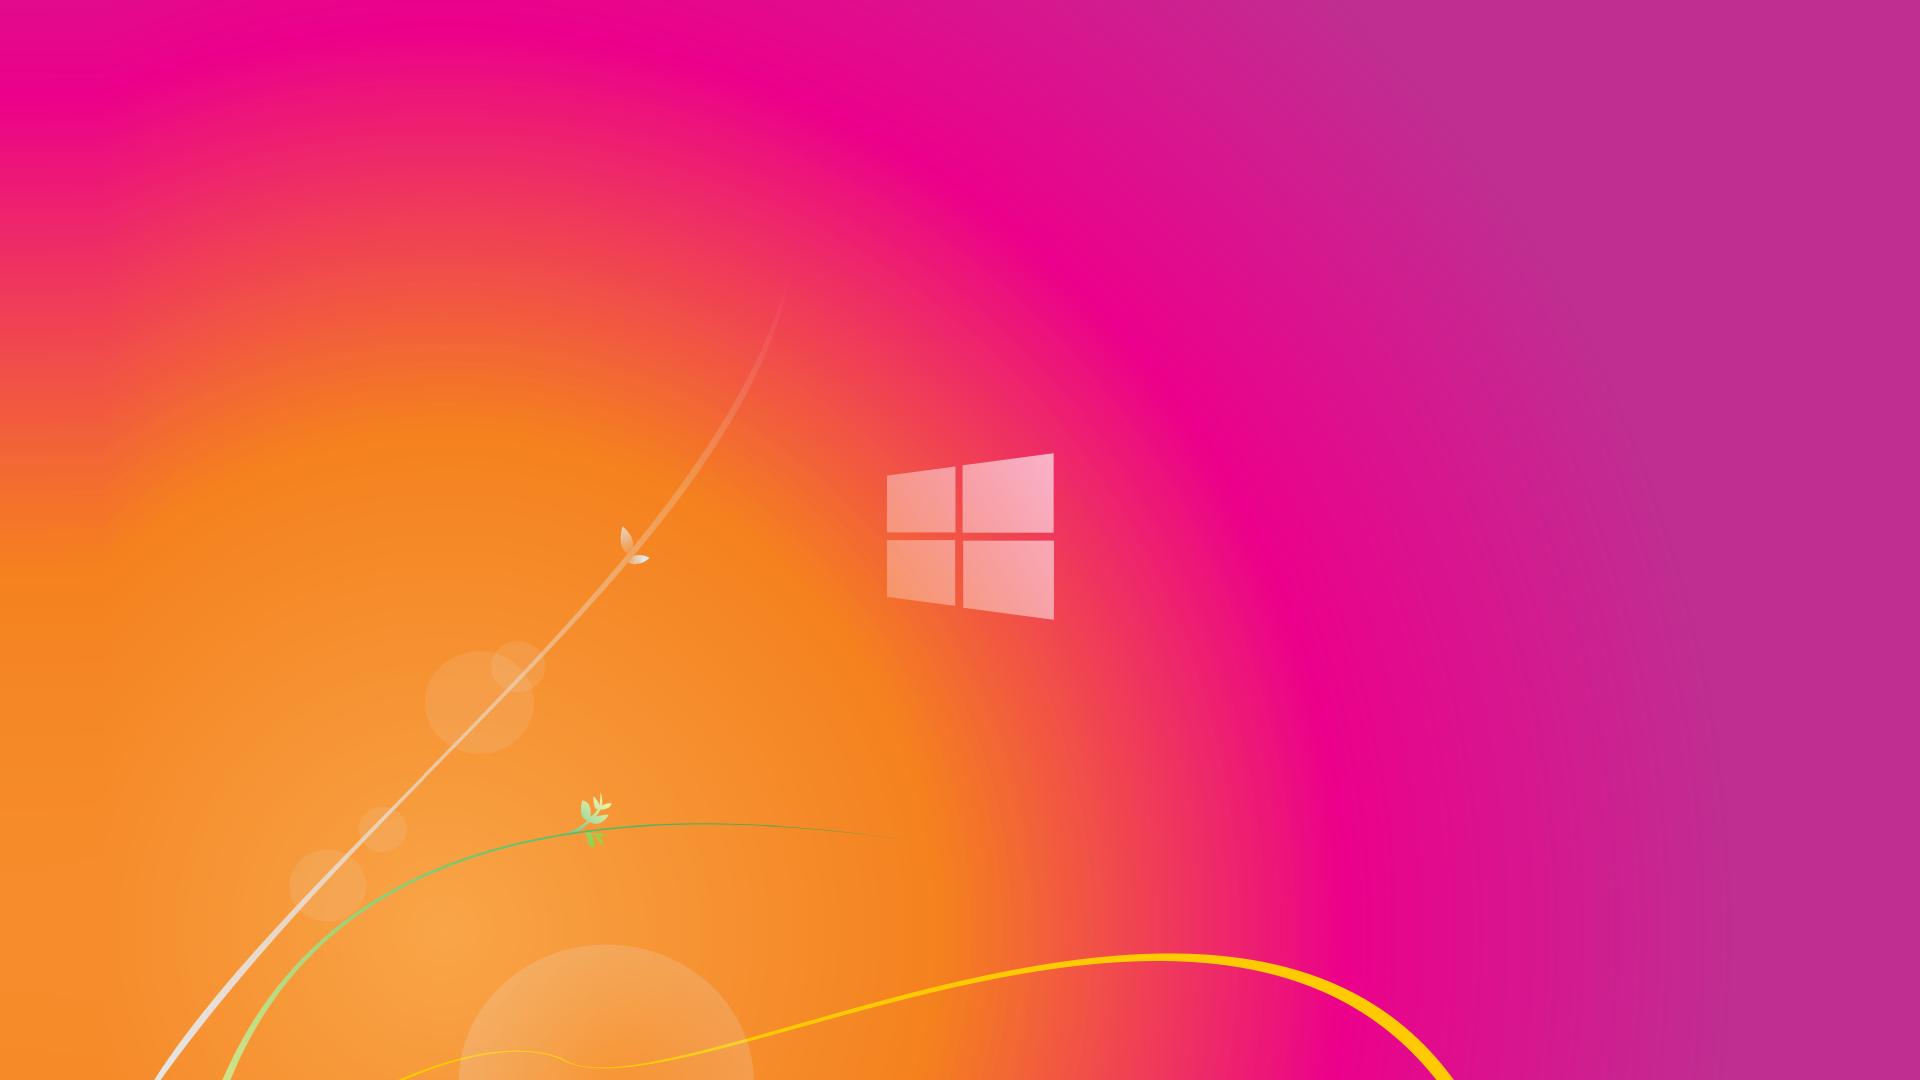 come-ruotare-lo-schermo-windows-10